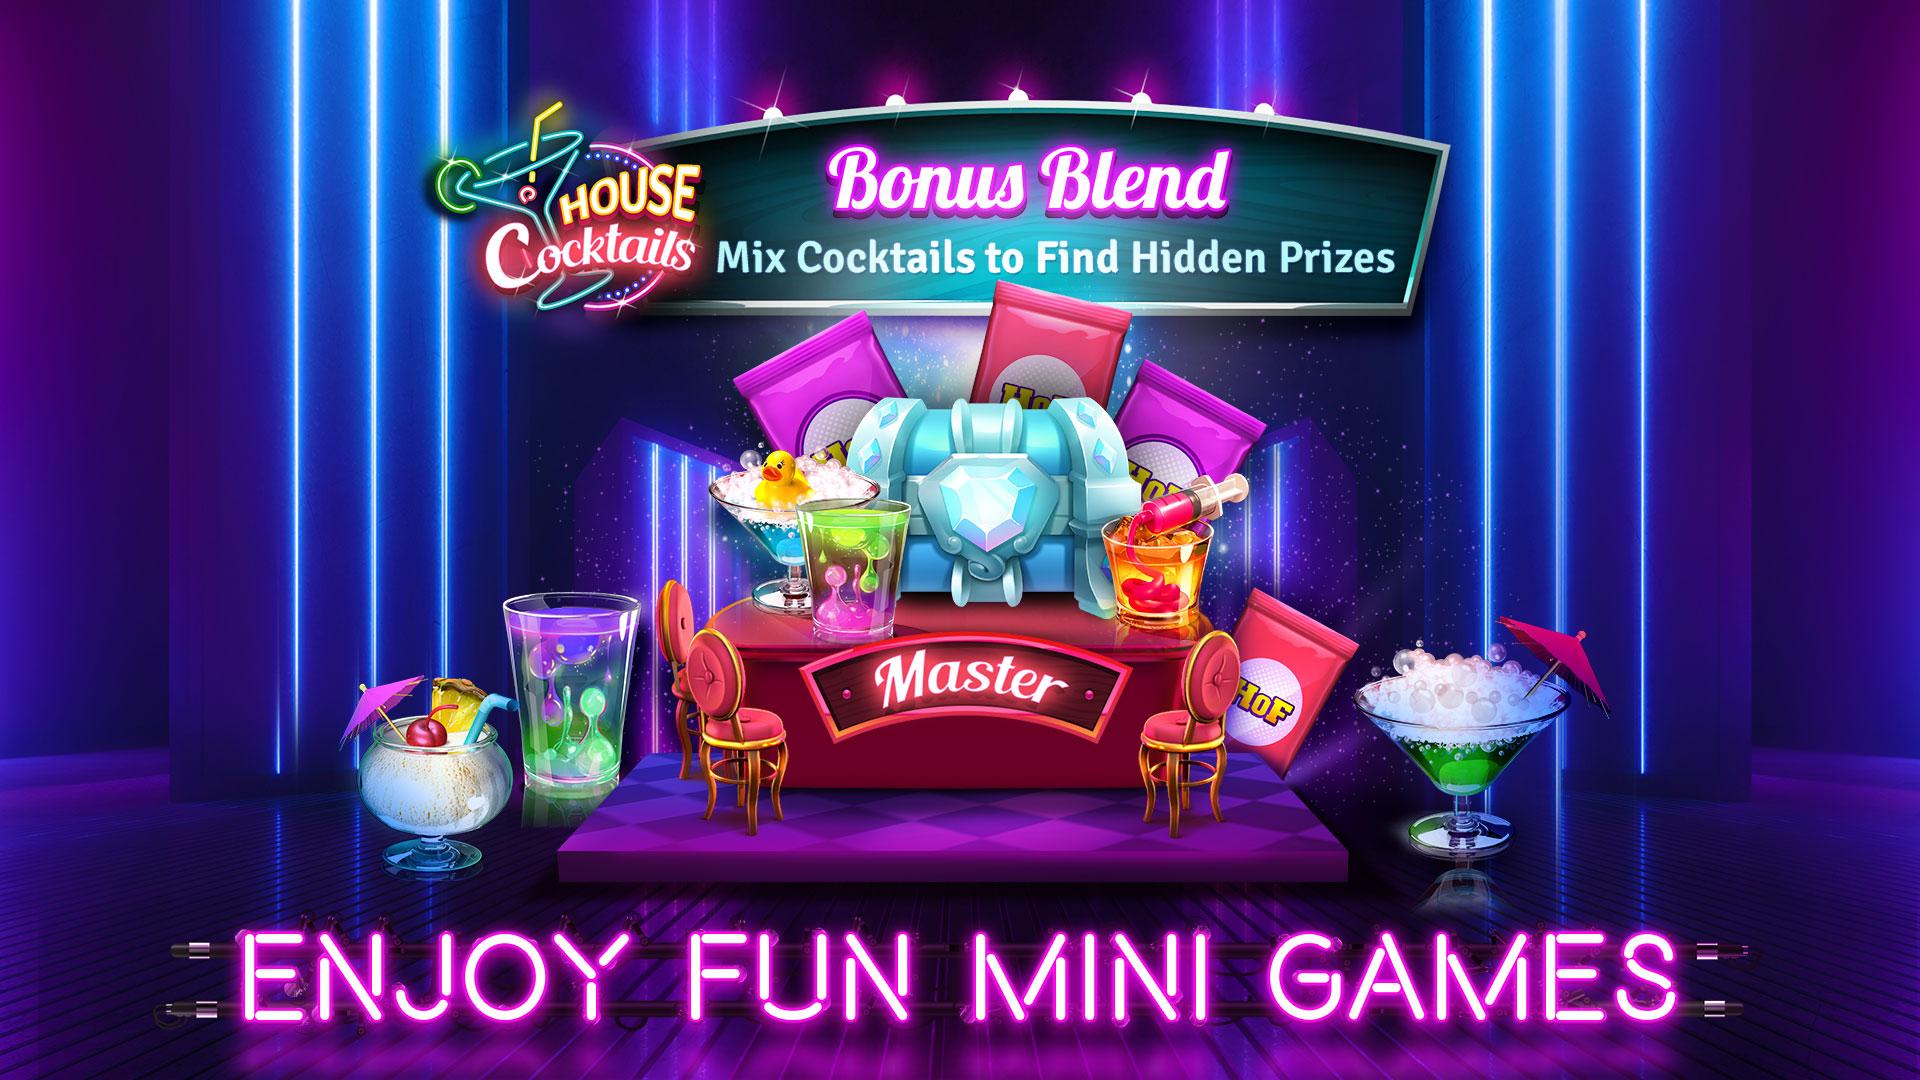 Casino para android 32 peralada